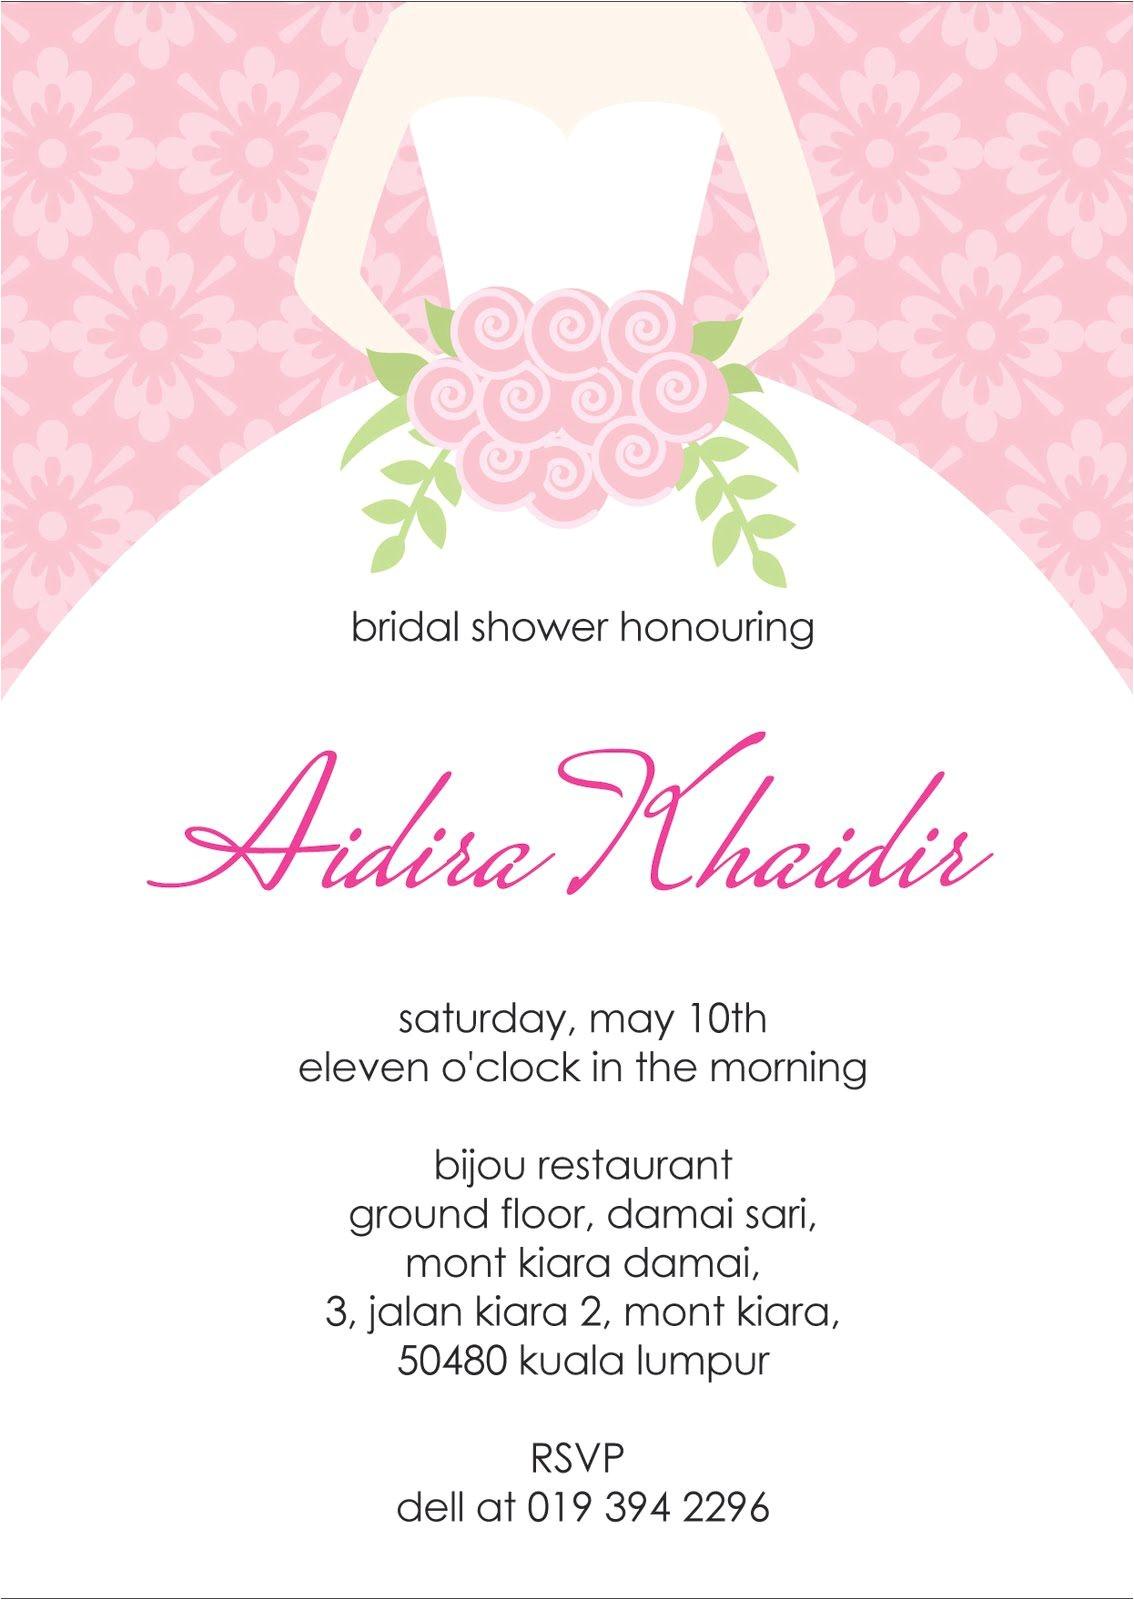 bridal shower invitations at office depot